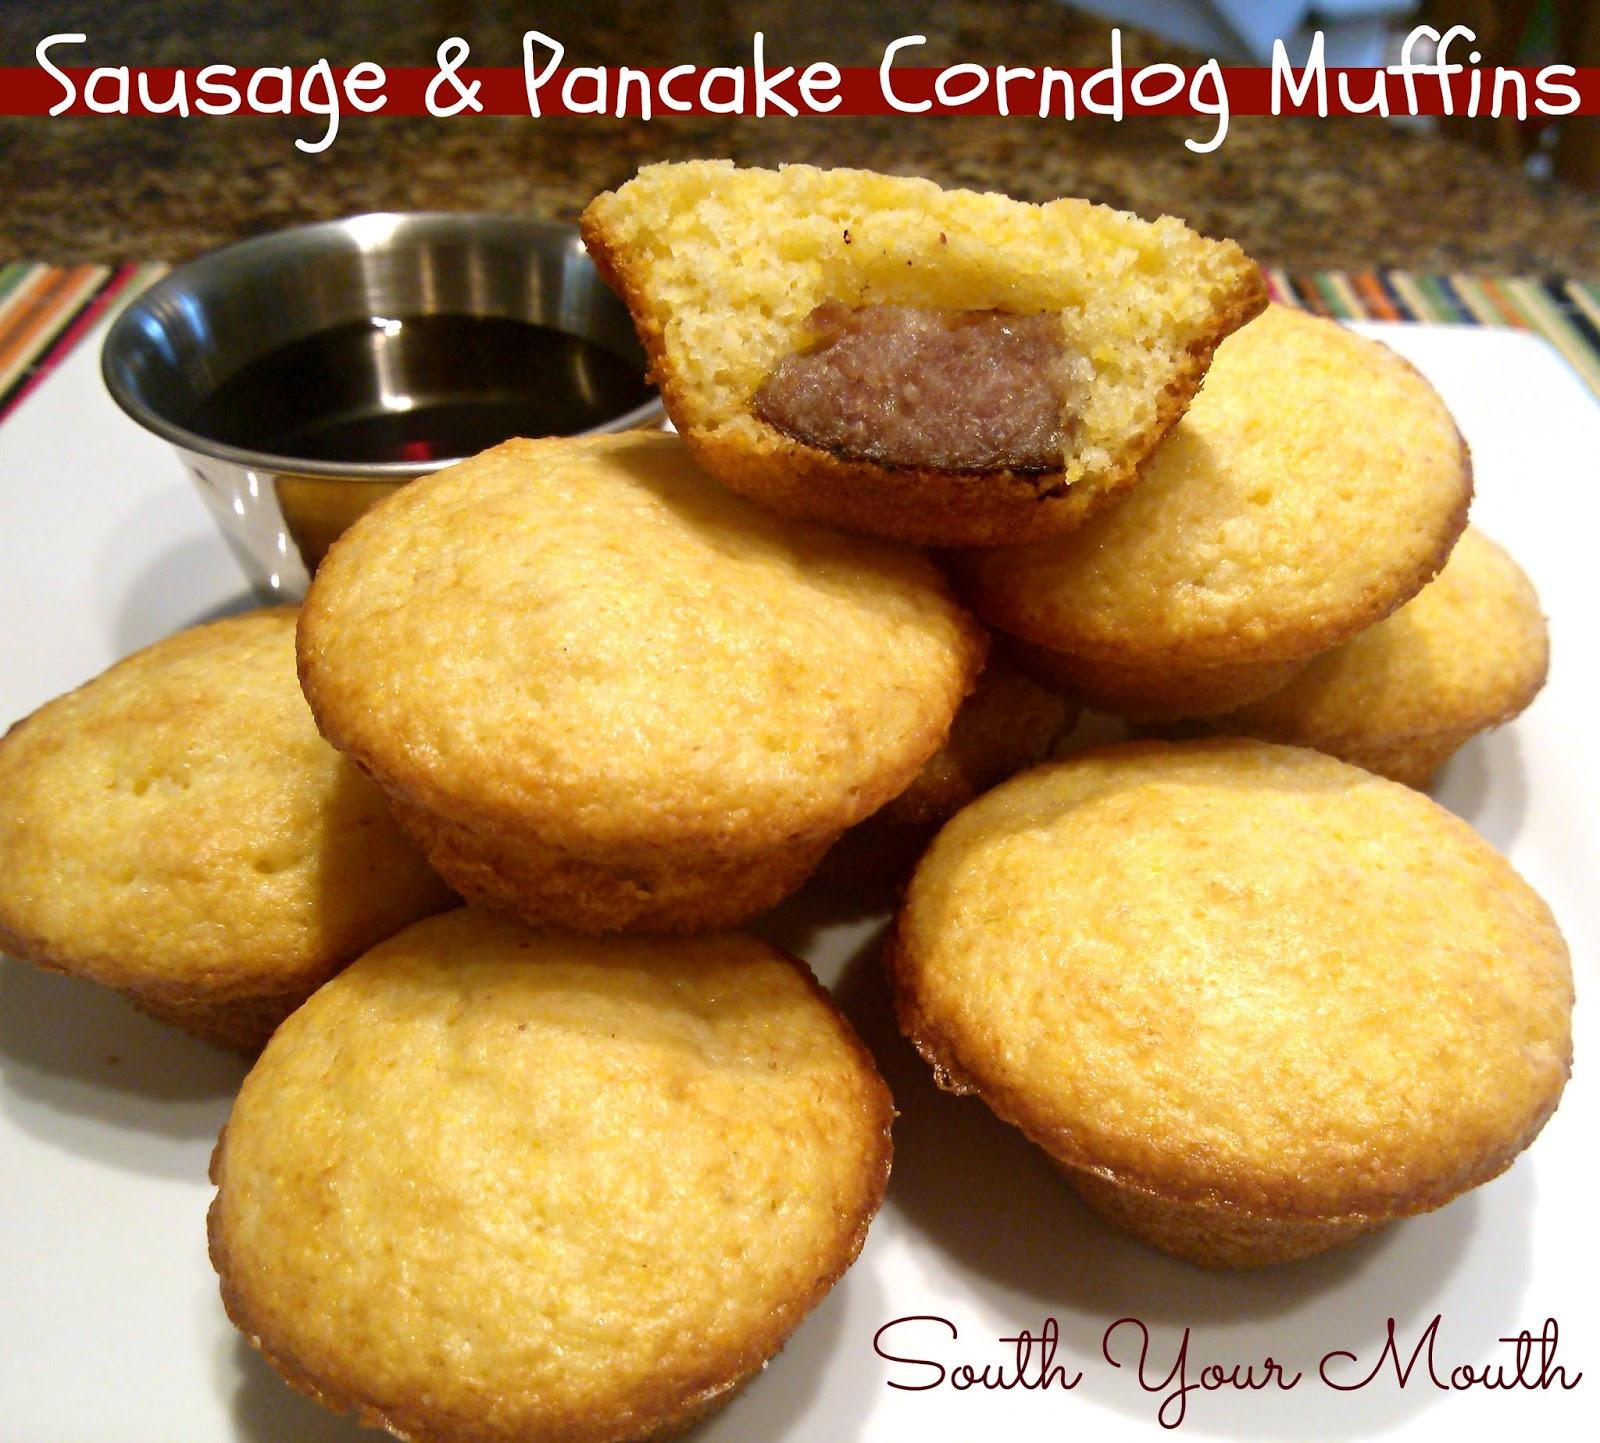 ... corn bread muffins 1 copy savory stuffed corn muffins sausage stuffed